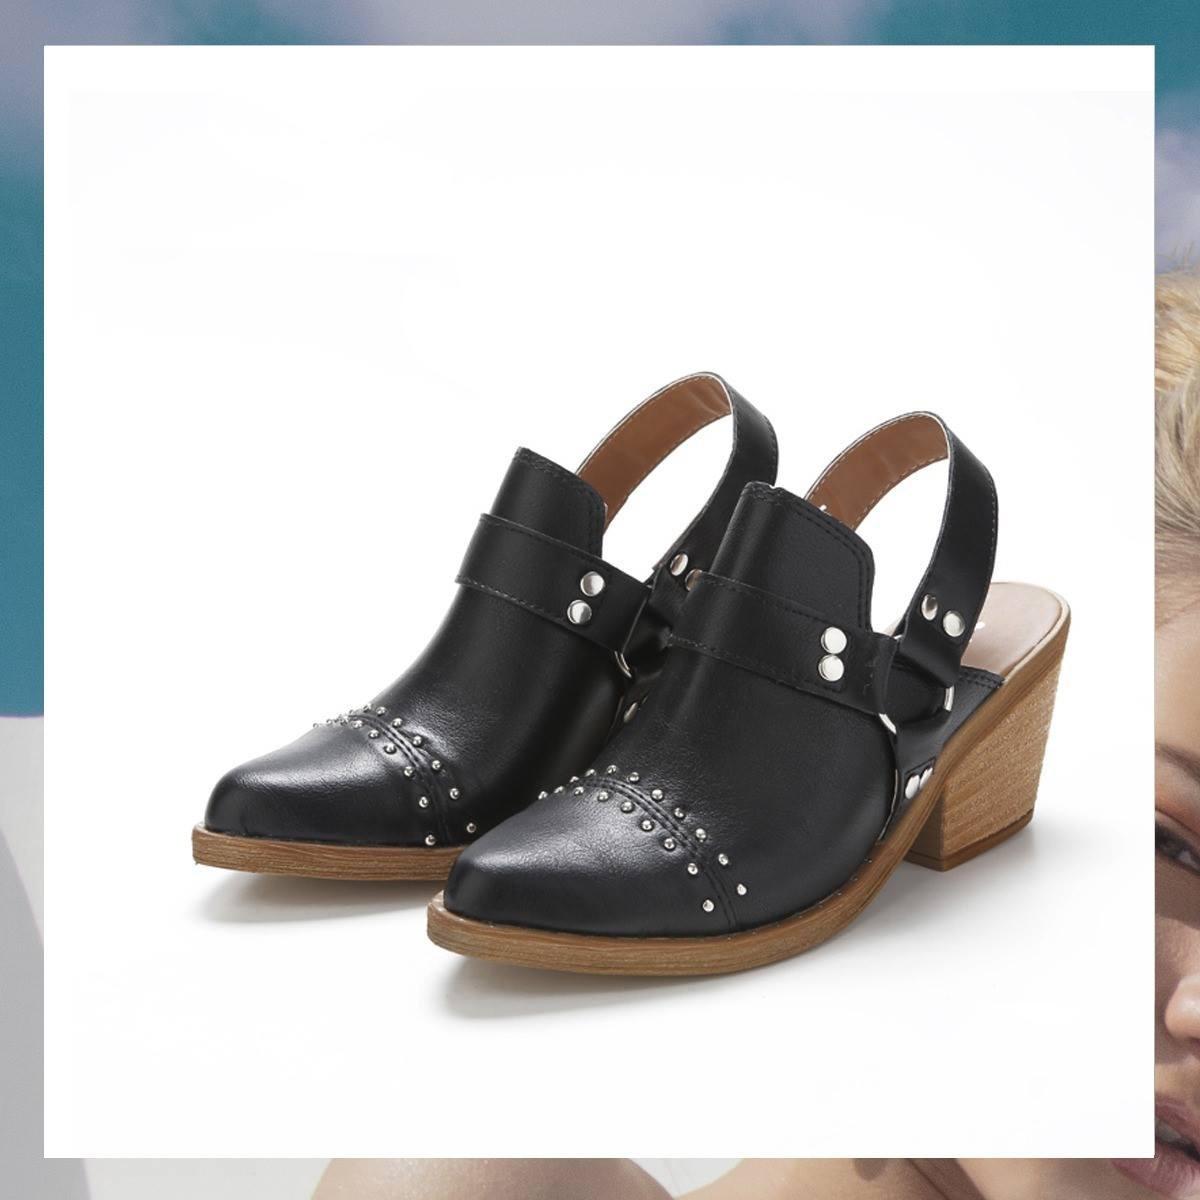 el precio más bajo 4c536 3bae3 Zapatos Zuecos Mujer Sandalias Primavera Verano 2018 / 2019